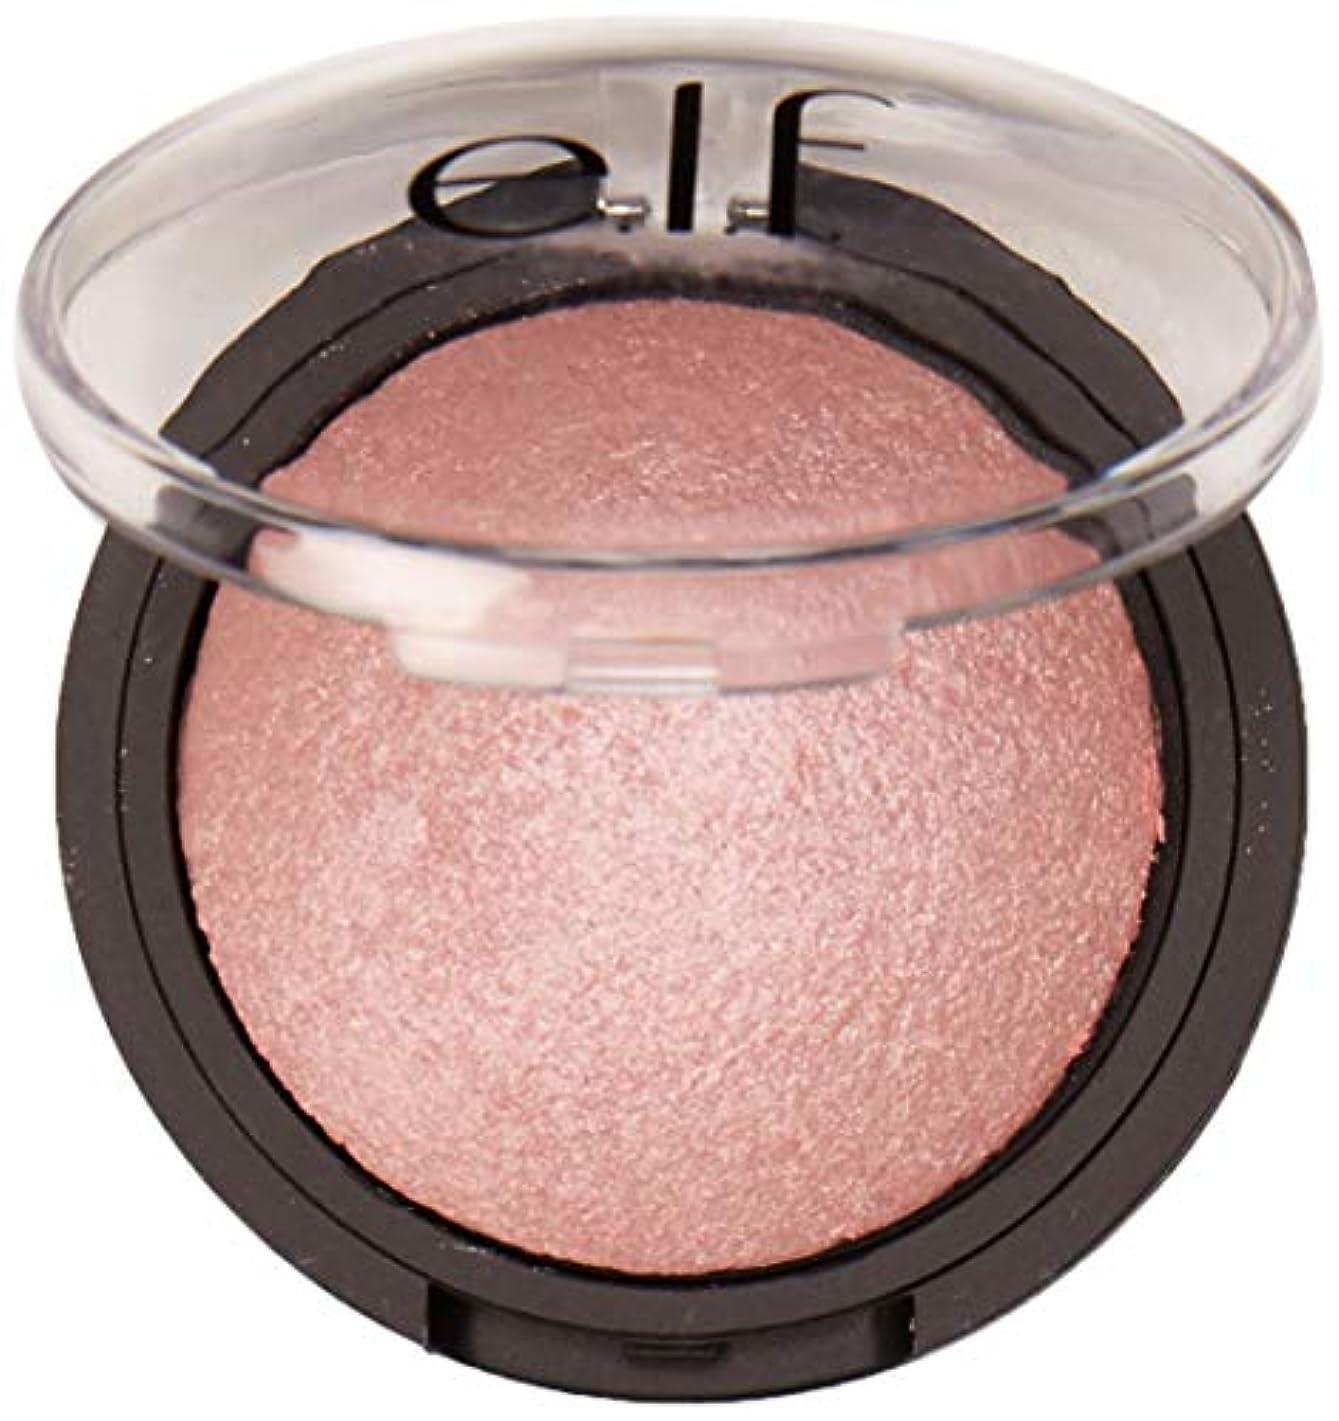 覗く墓品揃えe.l.f. Studio Baked Highlighter - Pink Diamonds(ベイクドハイライター, ピンクダイヤモンド, 0.17 oz 5 g)